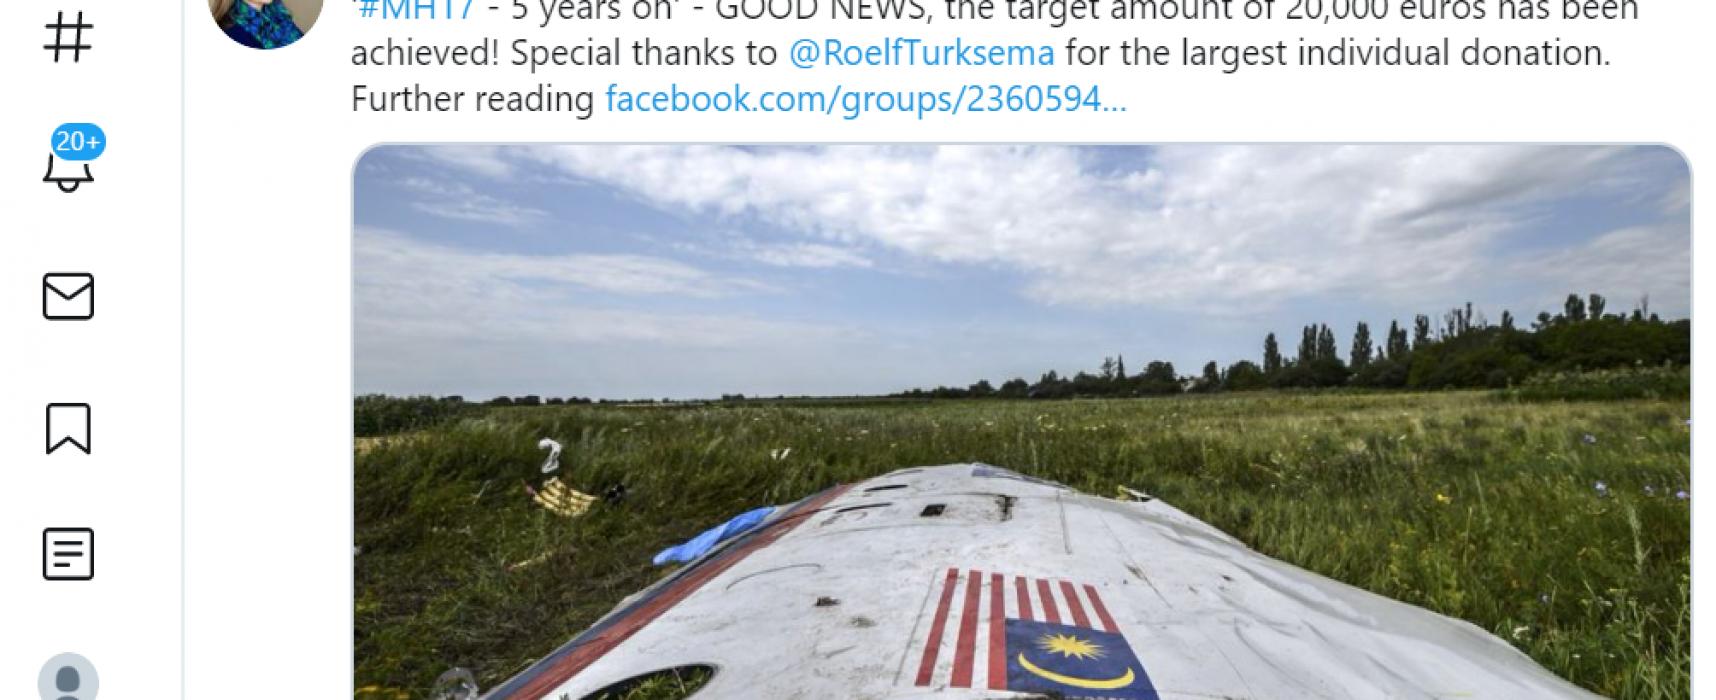 Новый фильм российской пропаганды об MH17: старая ложь на новый лад